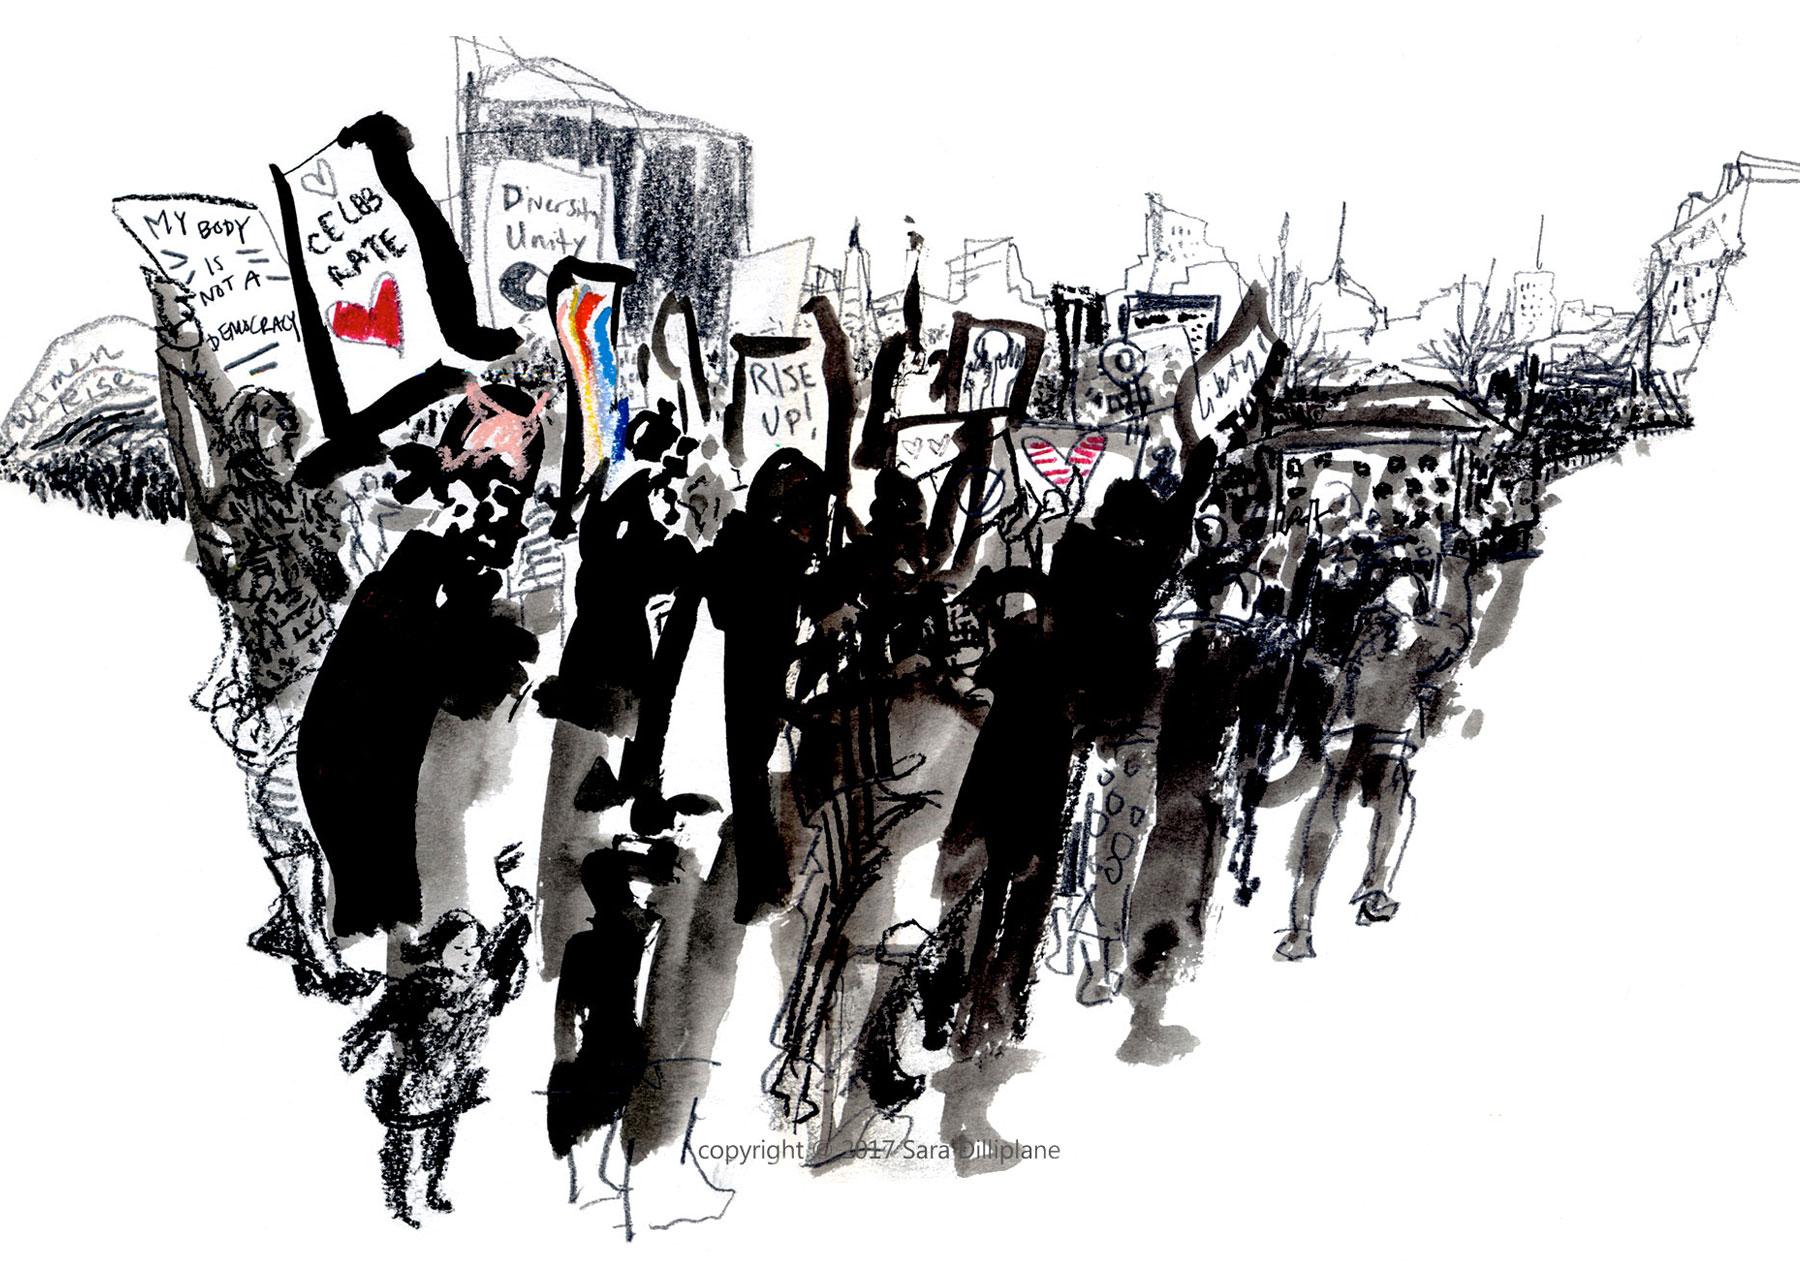 Women's March, 1/21/17, Boston